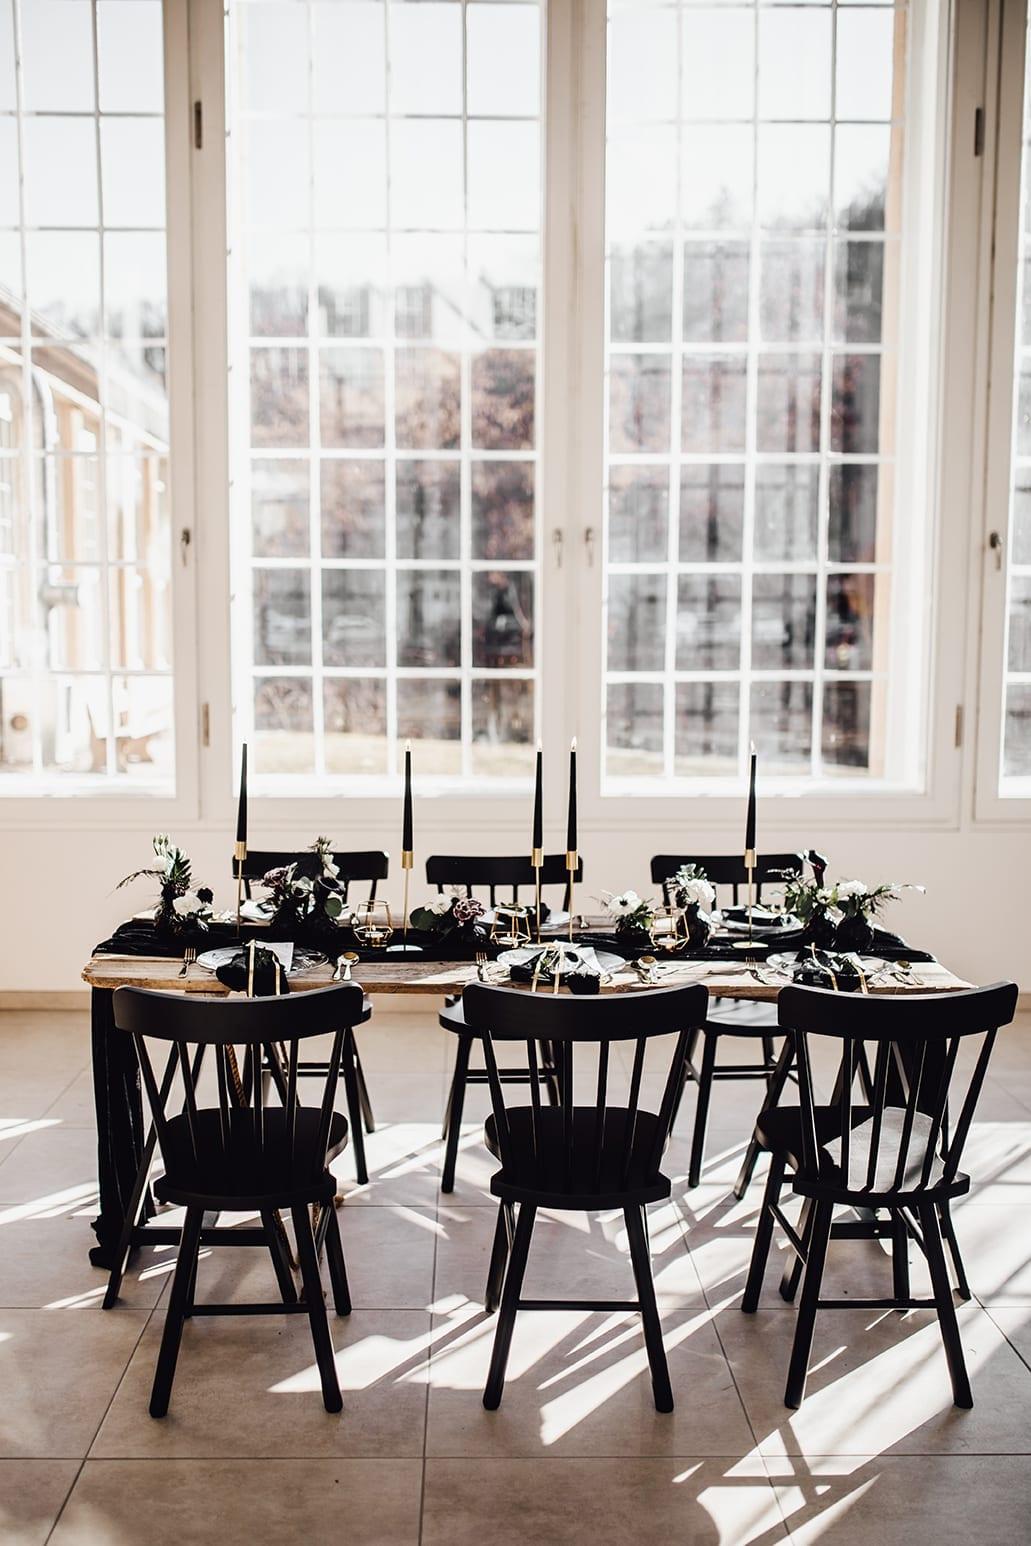 Styled Shoot mit schwarzen Kerzen und Stühlen vor einer Fensterfront.